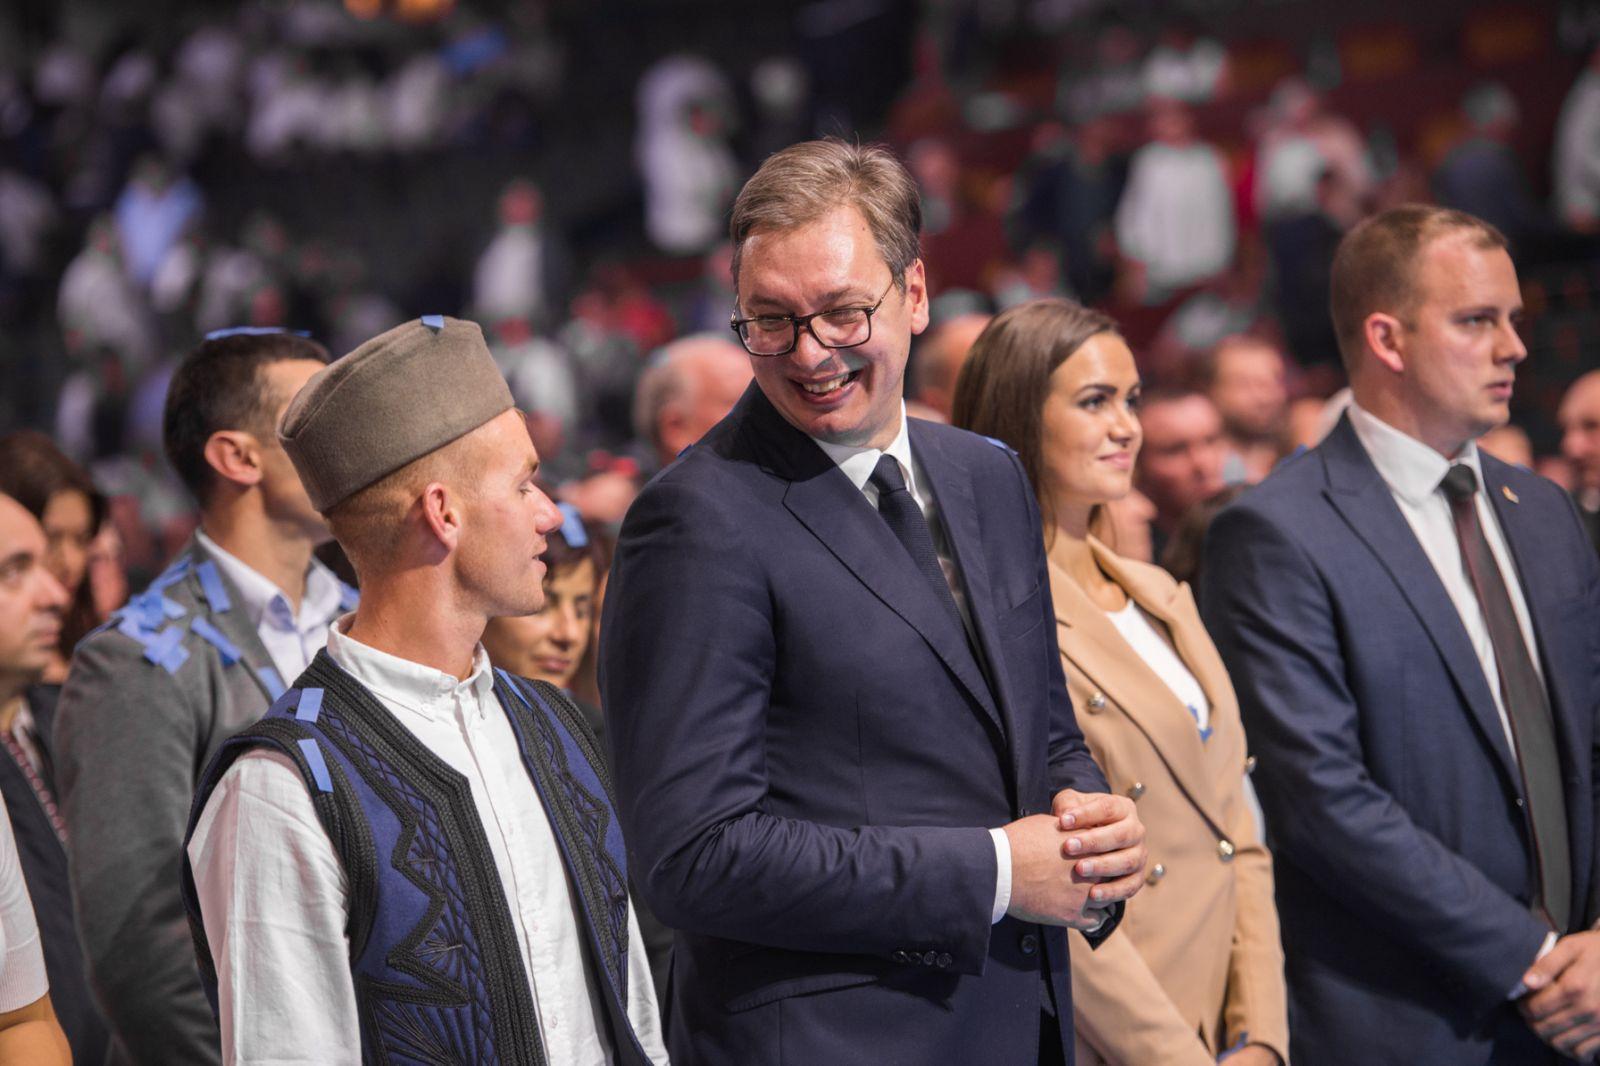 Predsednik Srbije Aleksandar Vucic u obracanju gradjanima u hali SPENS, povodom jedanaestog rodjendana Srpske napredne stranke.